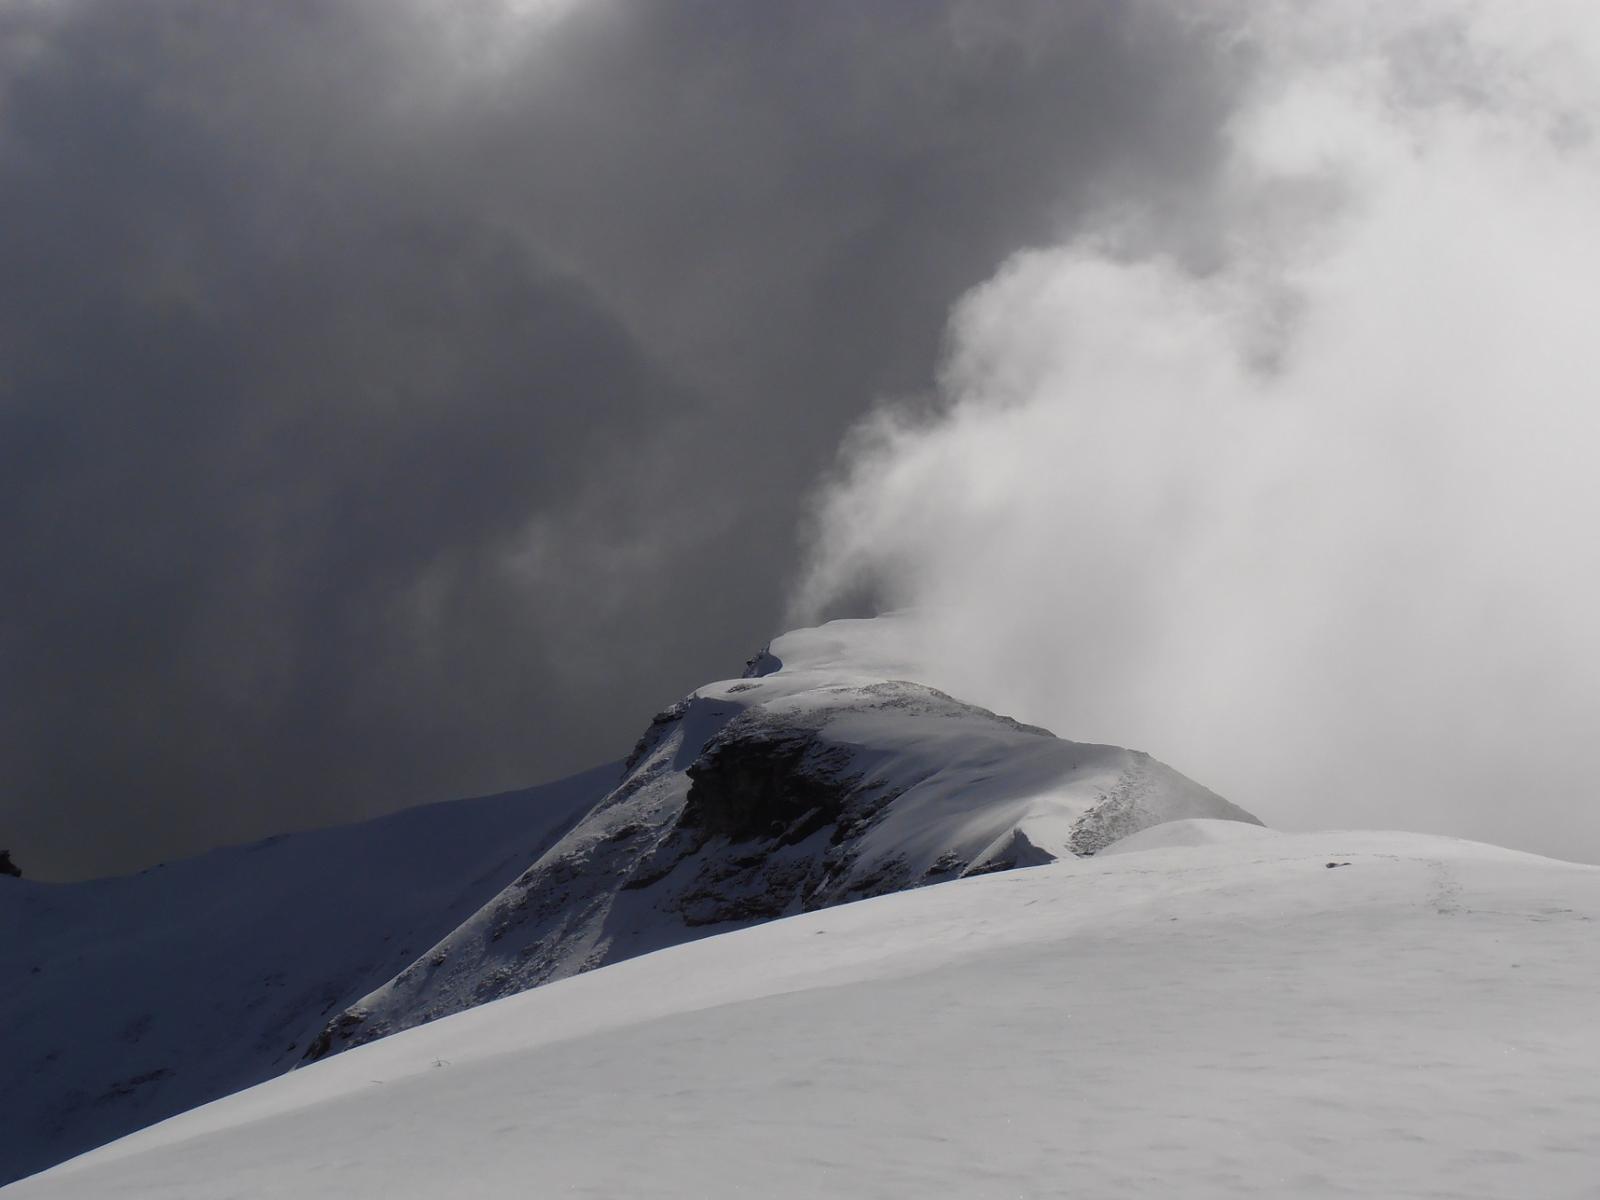 03 - tutto scompare tra le nuvole